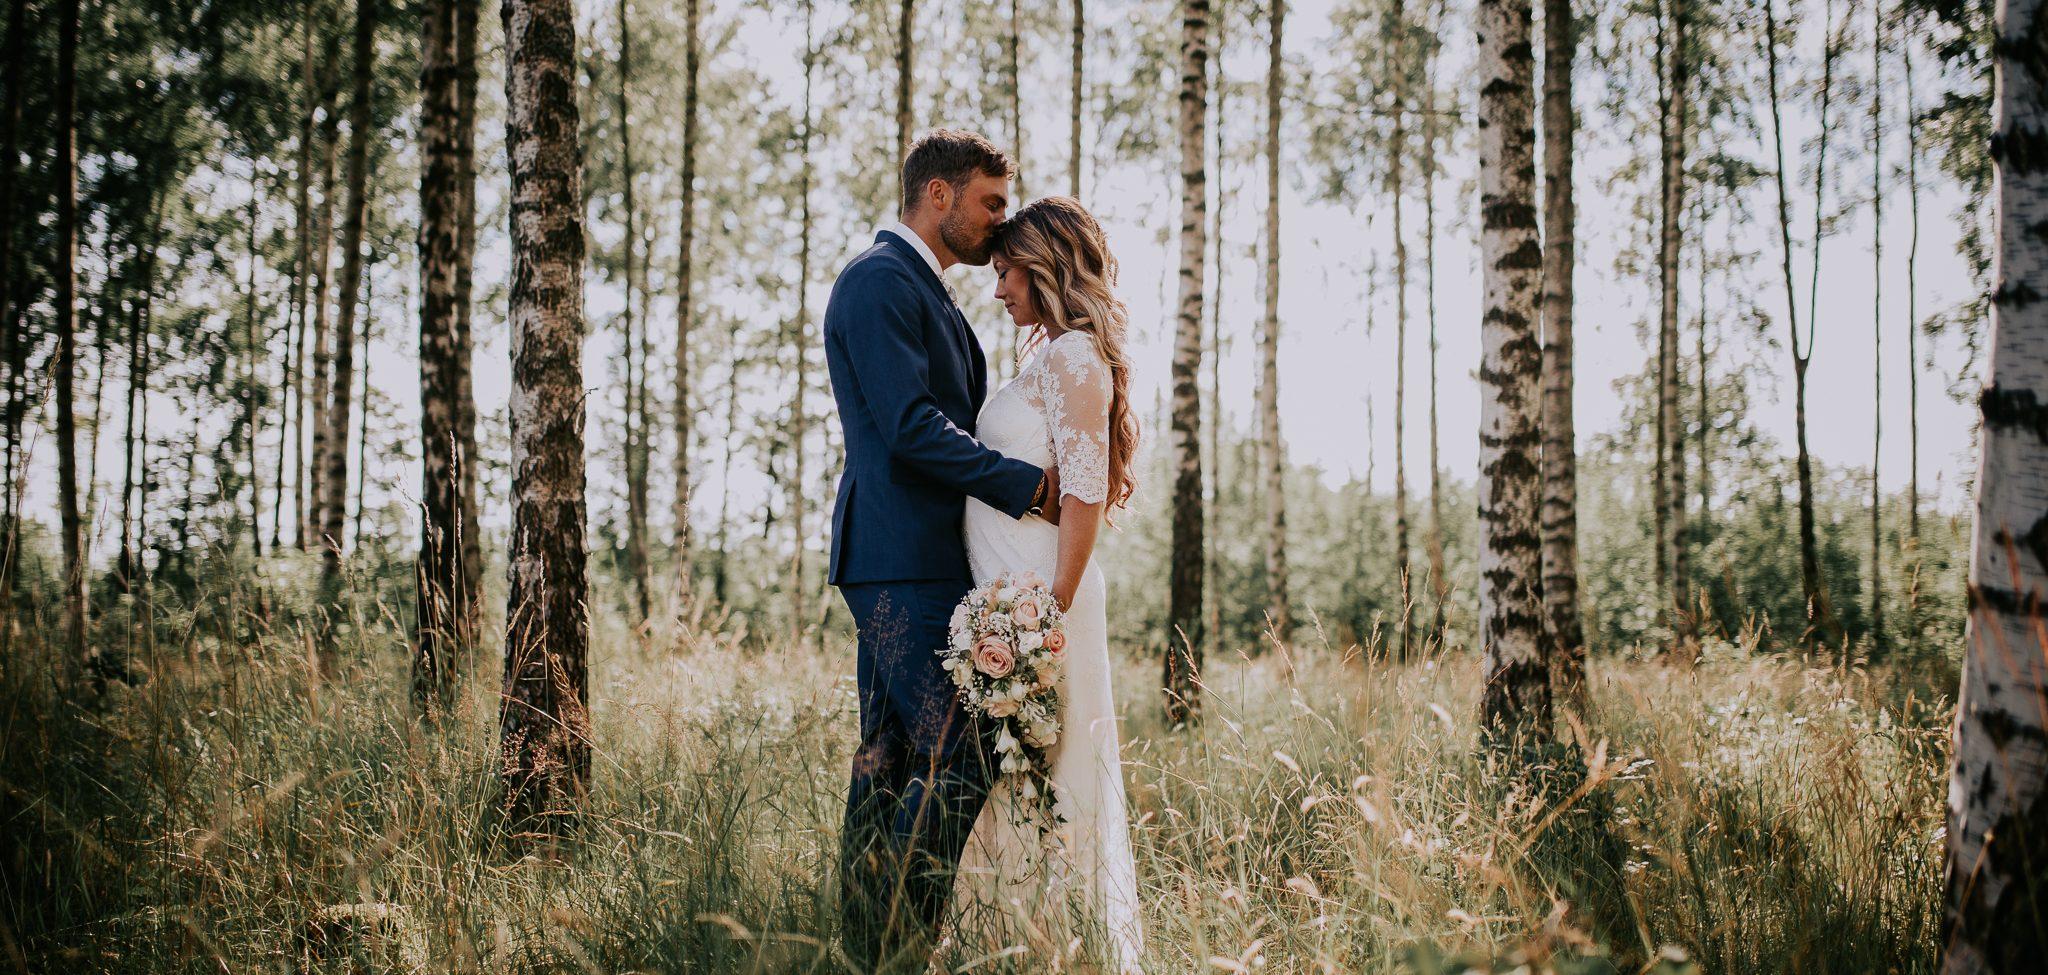 Bröllopsfotografering med brudpar i en björkskog på ett sommarbröllop taget av en bröllopsfotograf i Göteborg